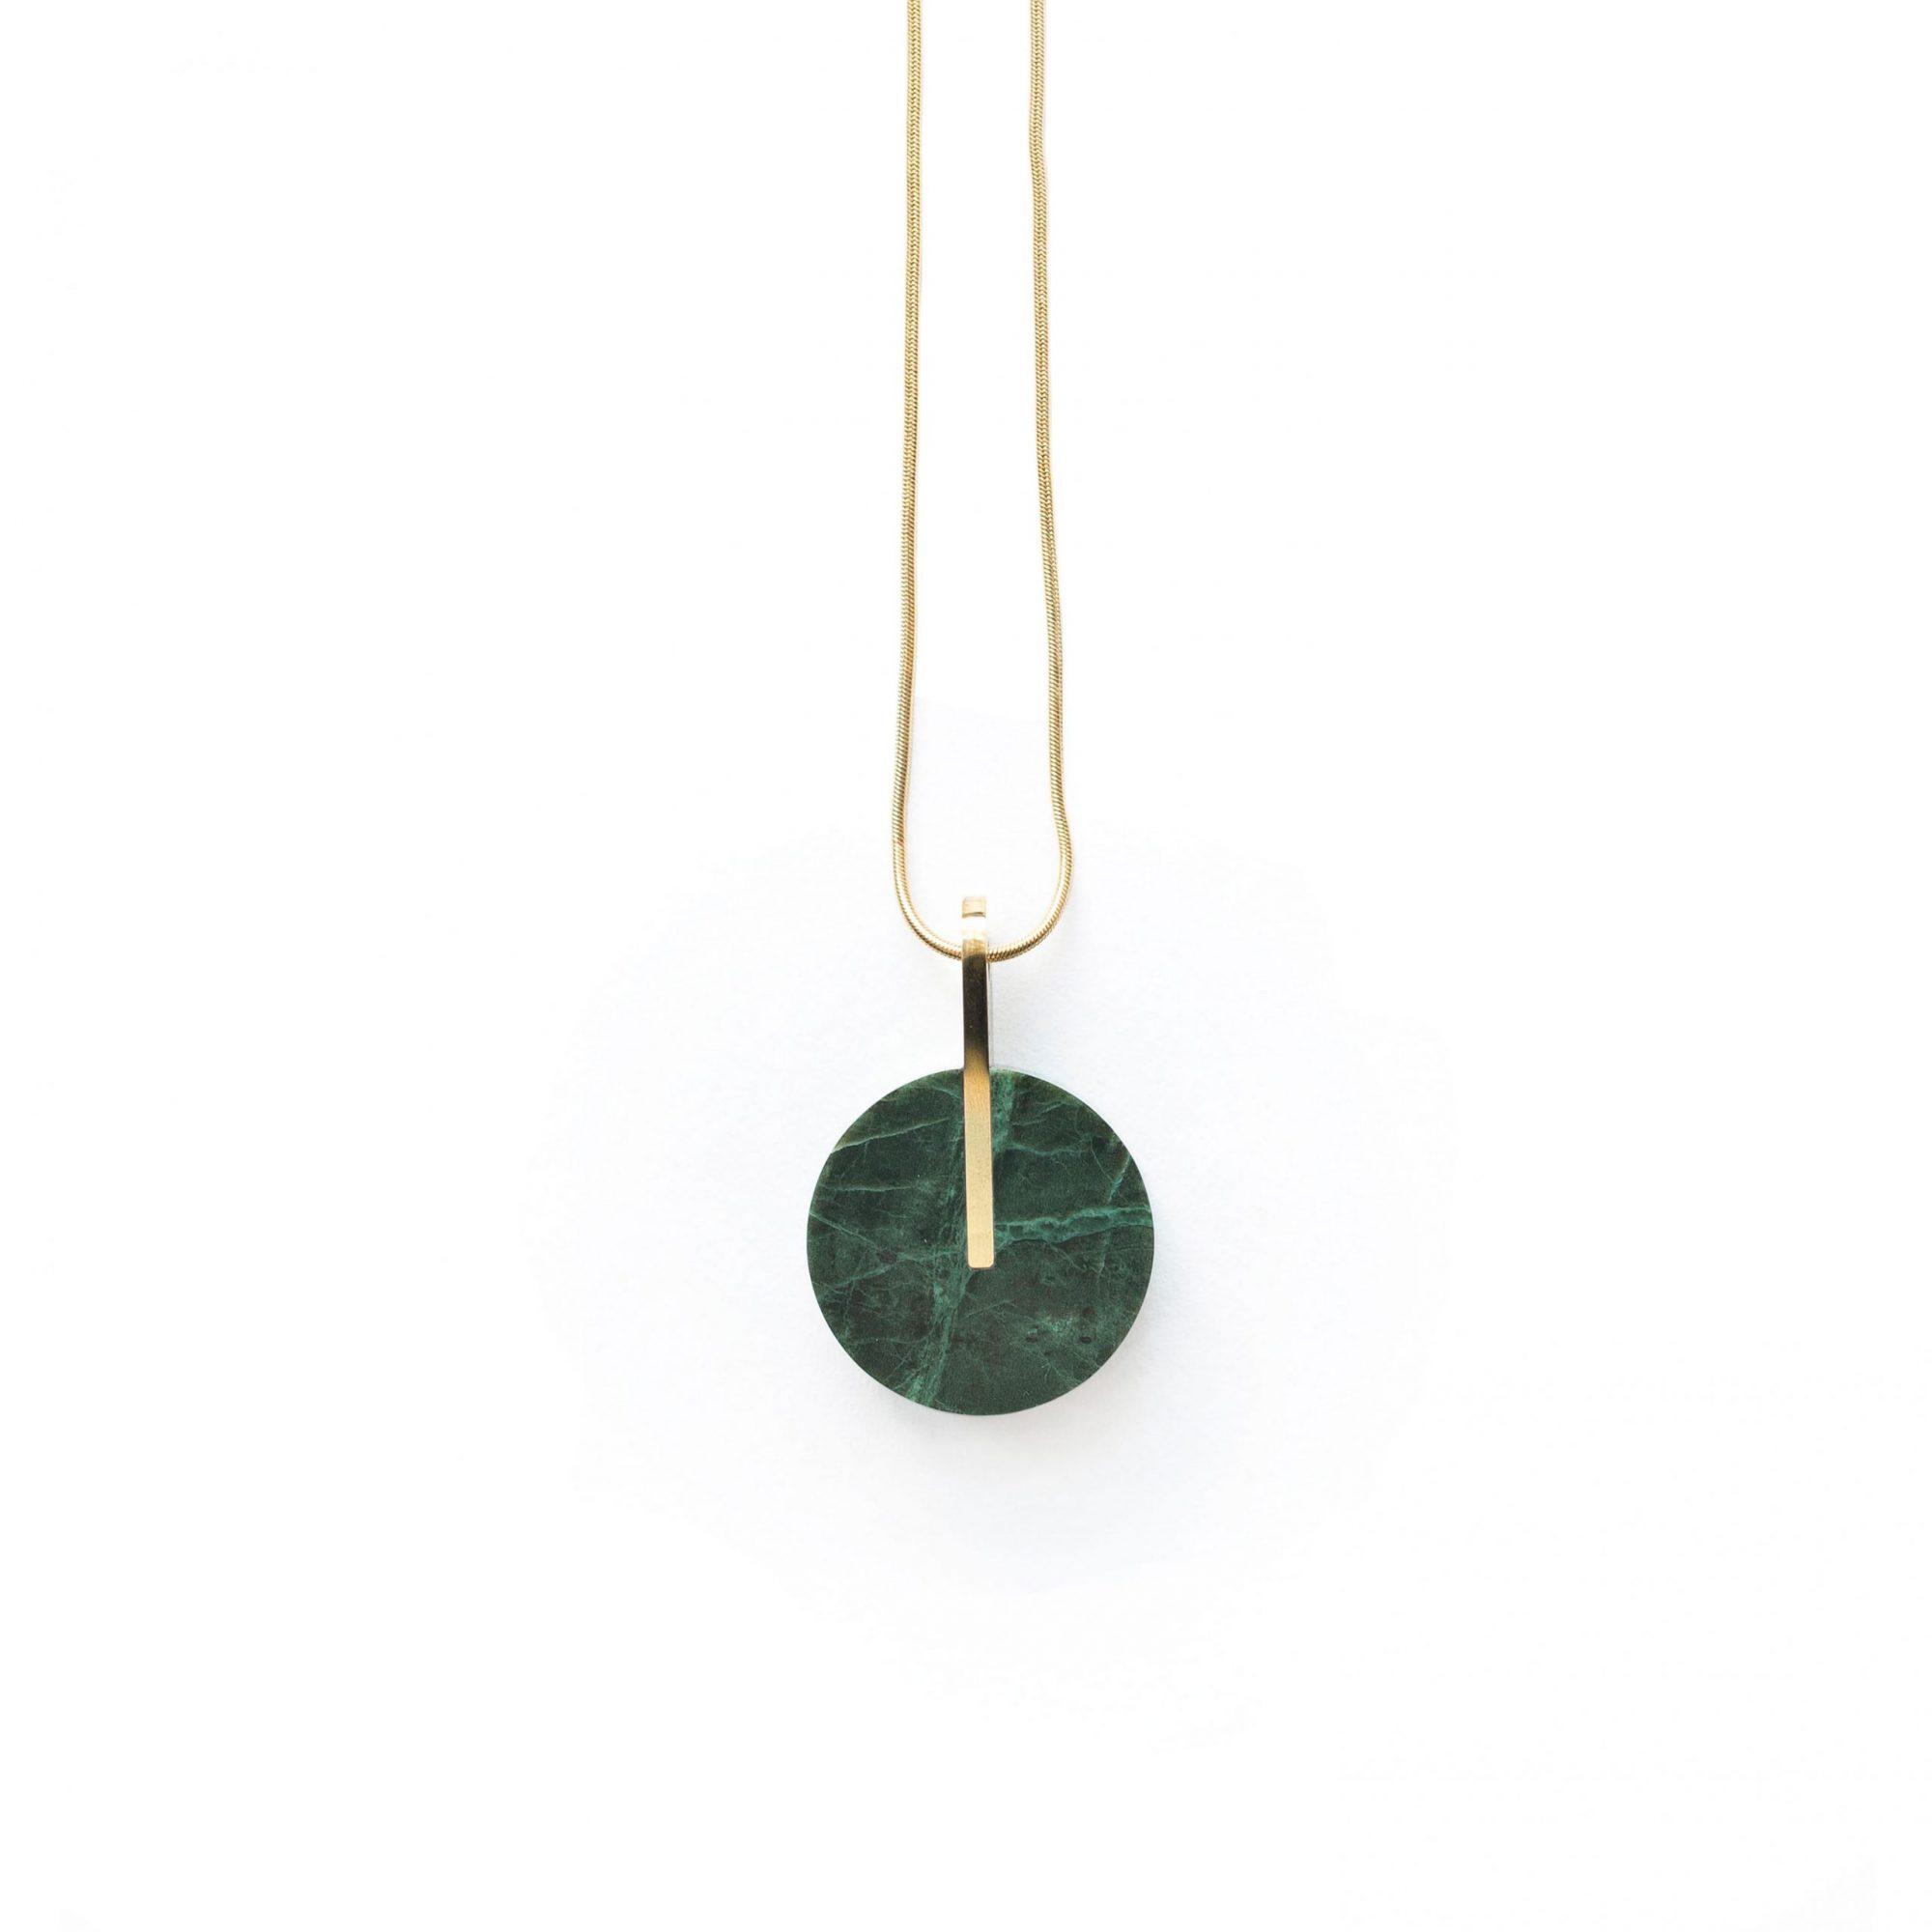 metaformi_design_jewelry_essential_circle_verde